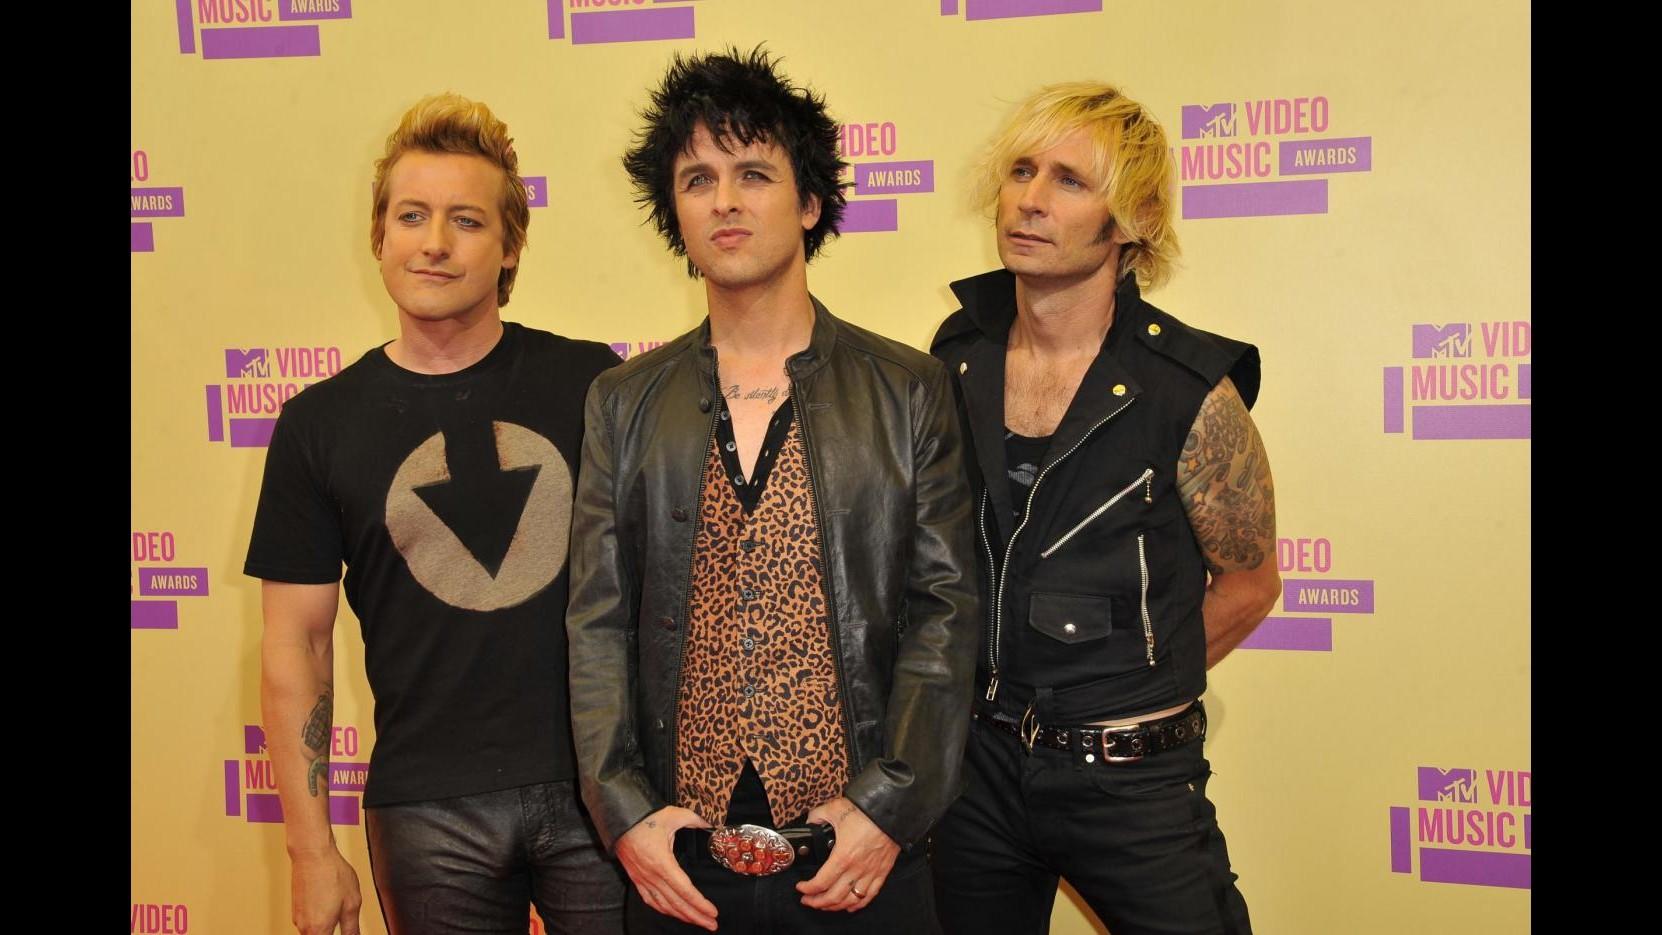 Autunno ricco di uscite musicali, attesa per album di Pink e Green Day